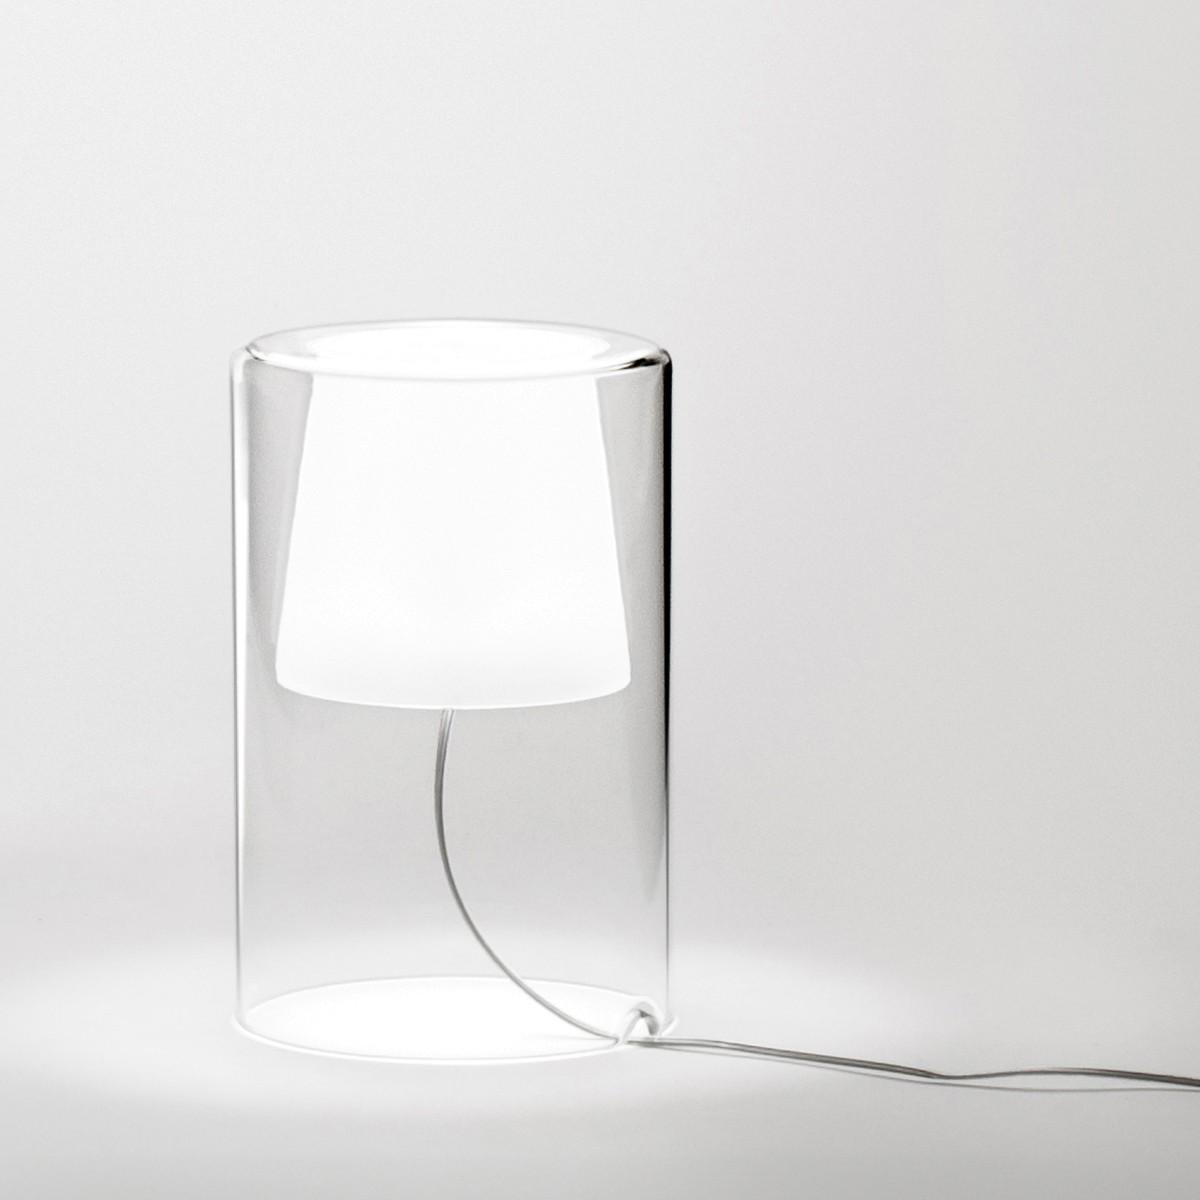 Vibia Join Tischleuchte, Höhe: 21 cm, Borosilikatglas